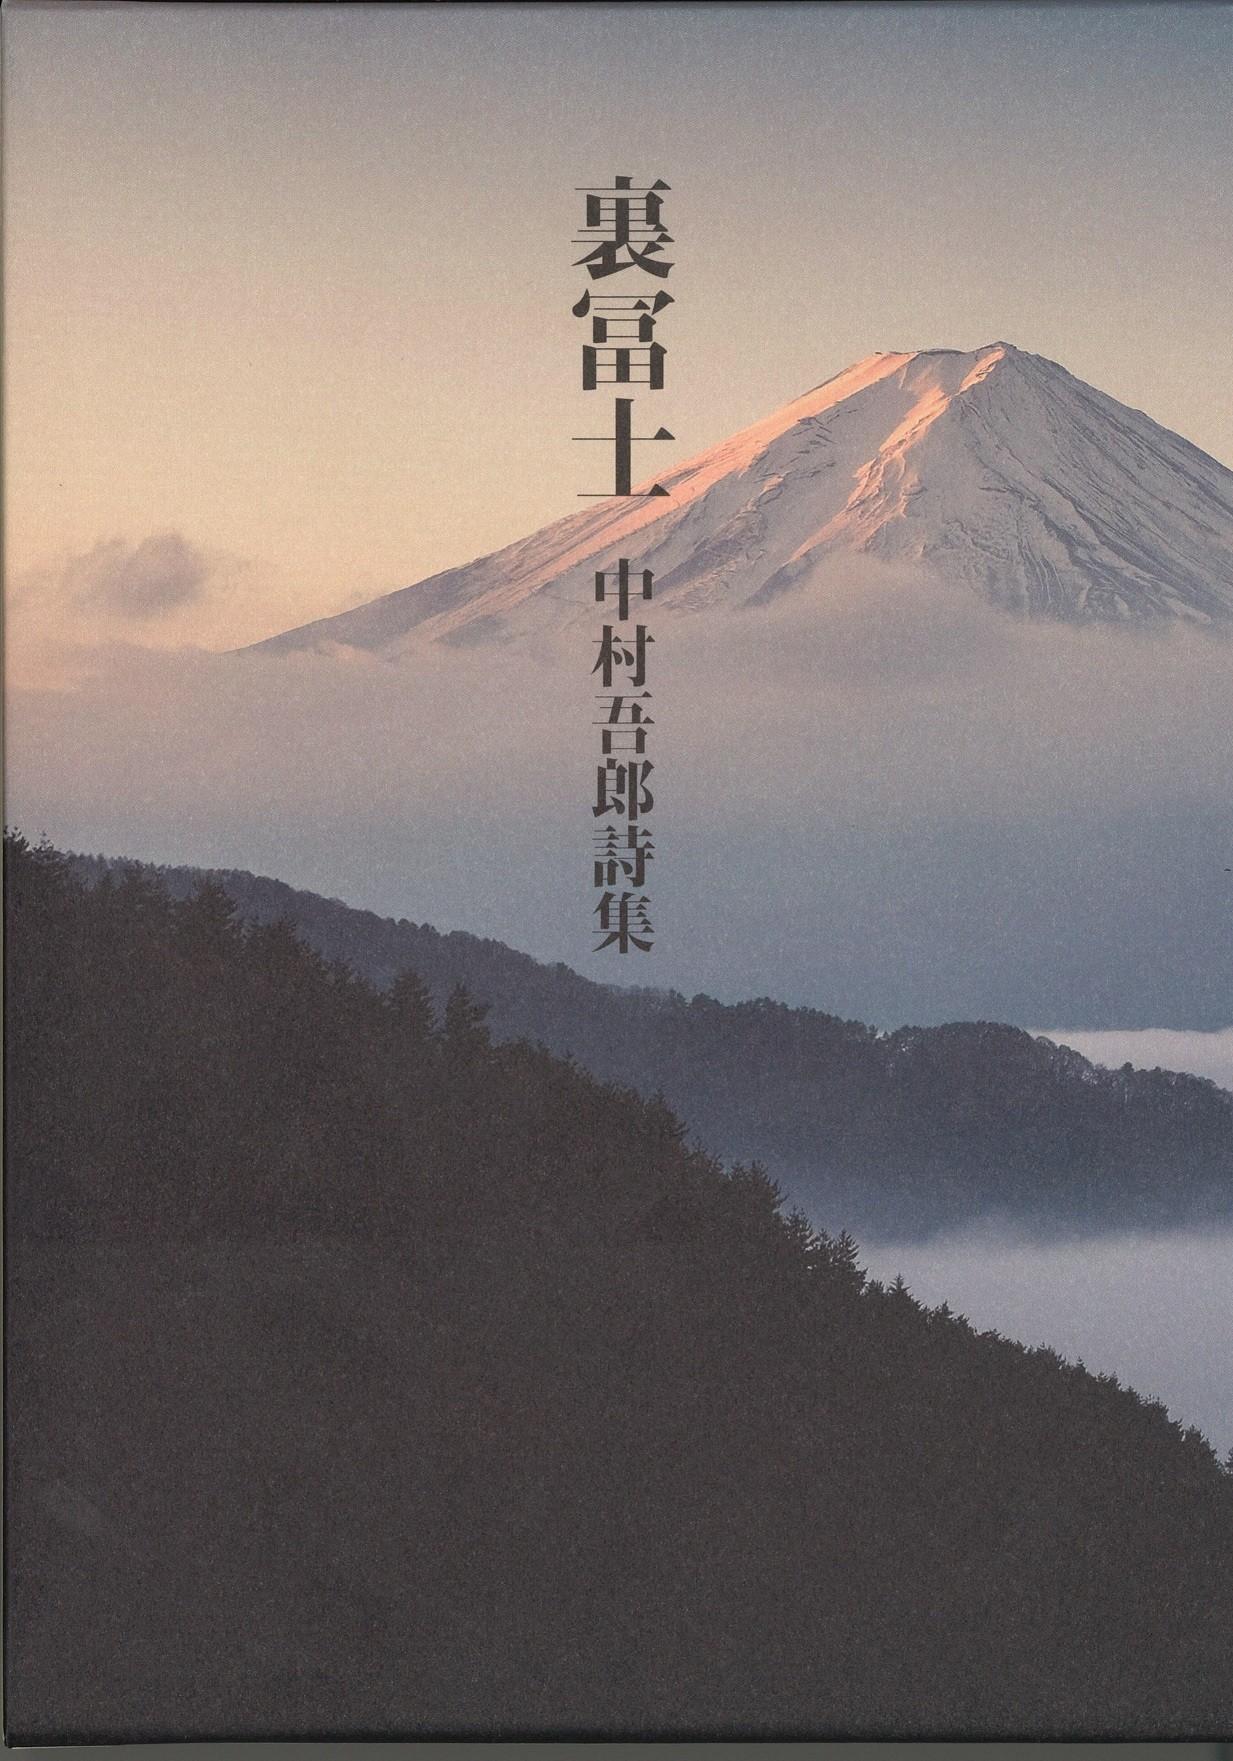 裏富士 中村吾郎詩集 812